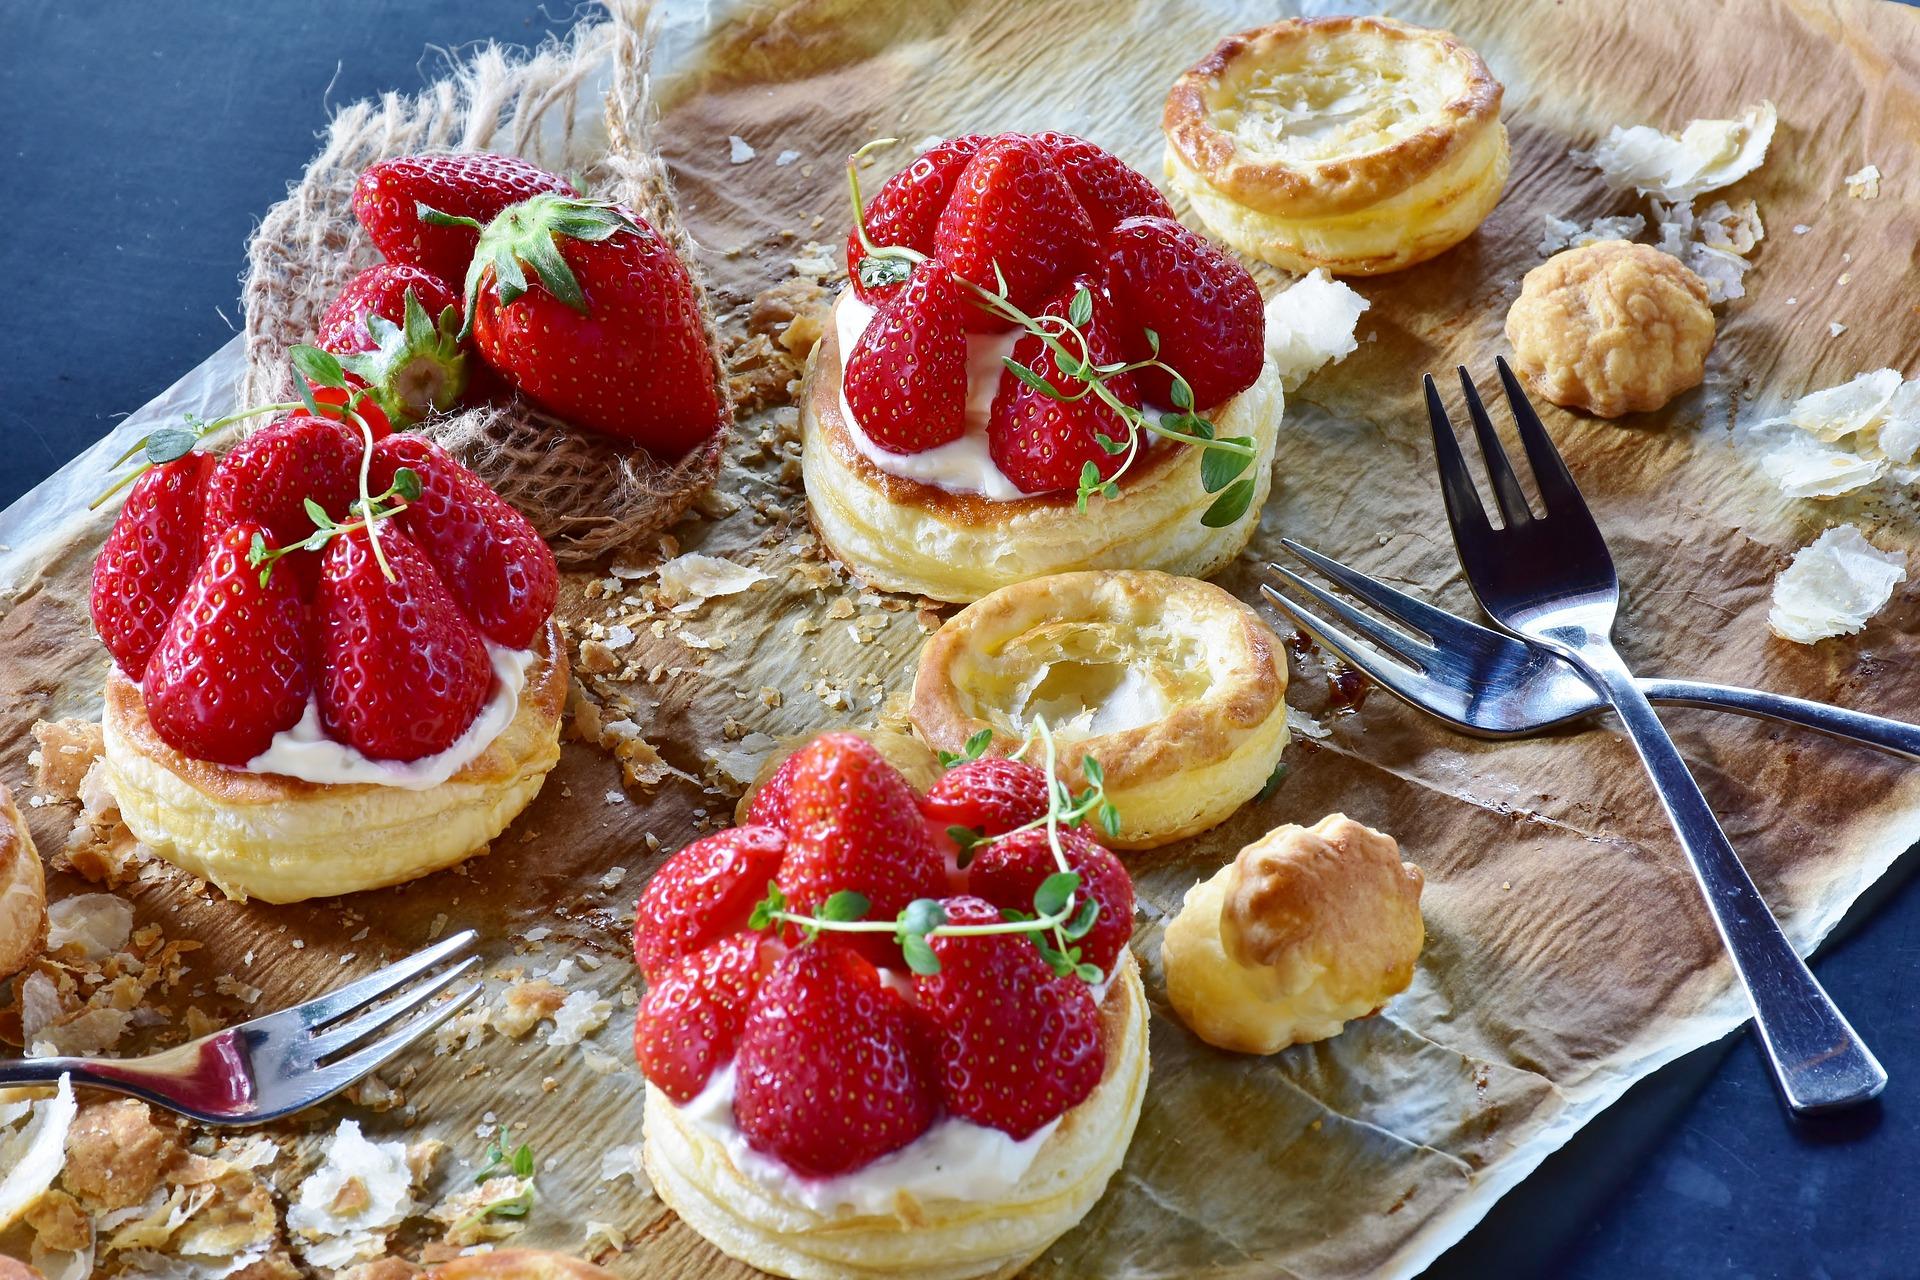 Los pastelitos de hojaldre son uno de los pedidos más demandados en repostería